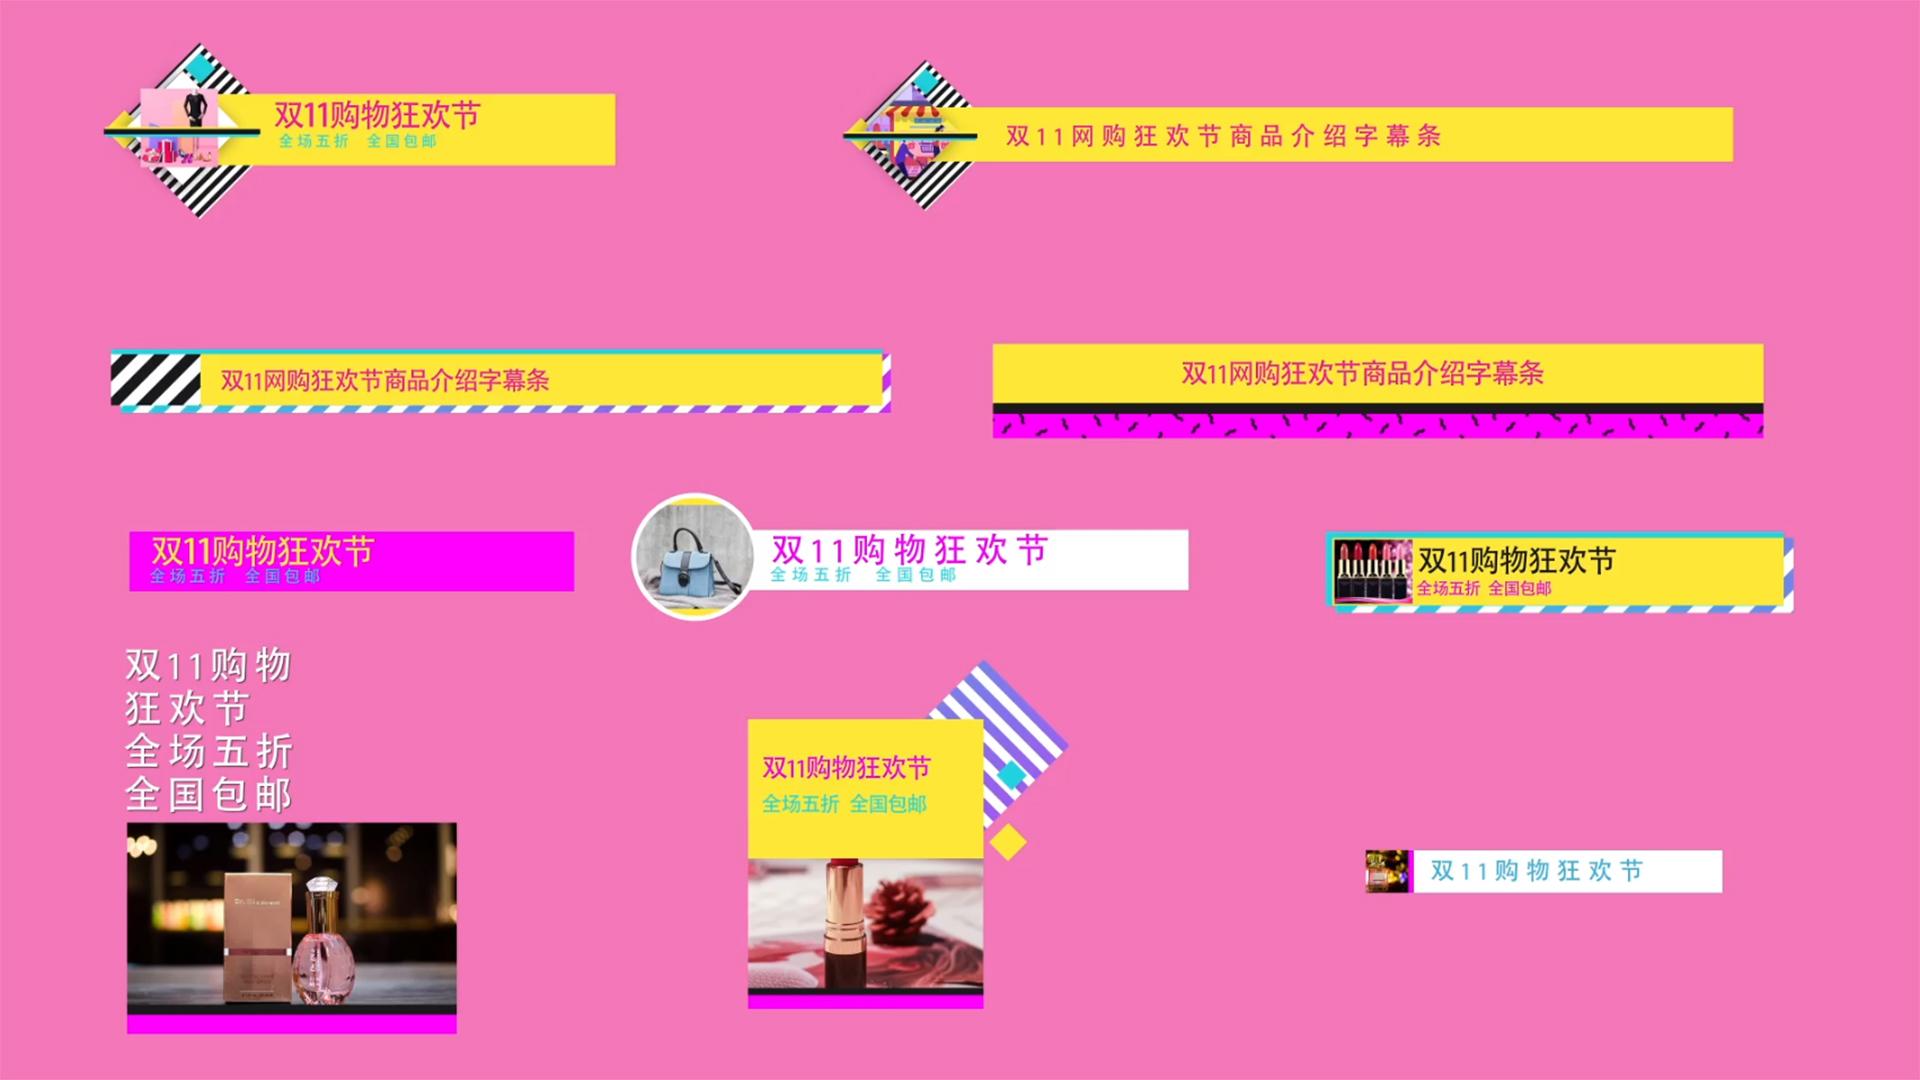 双11网购狂欢节商品介绍字幕条AE模板